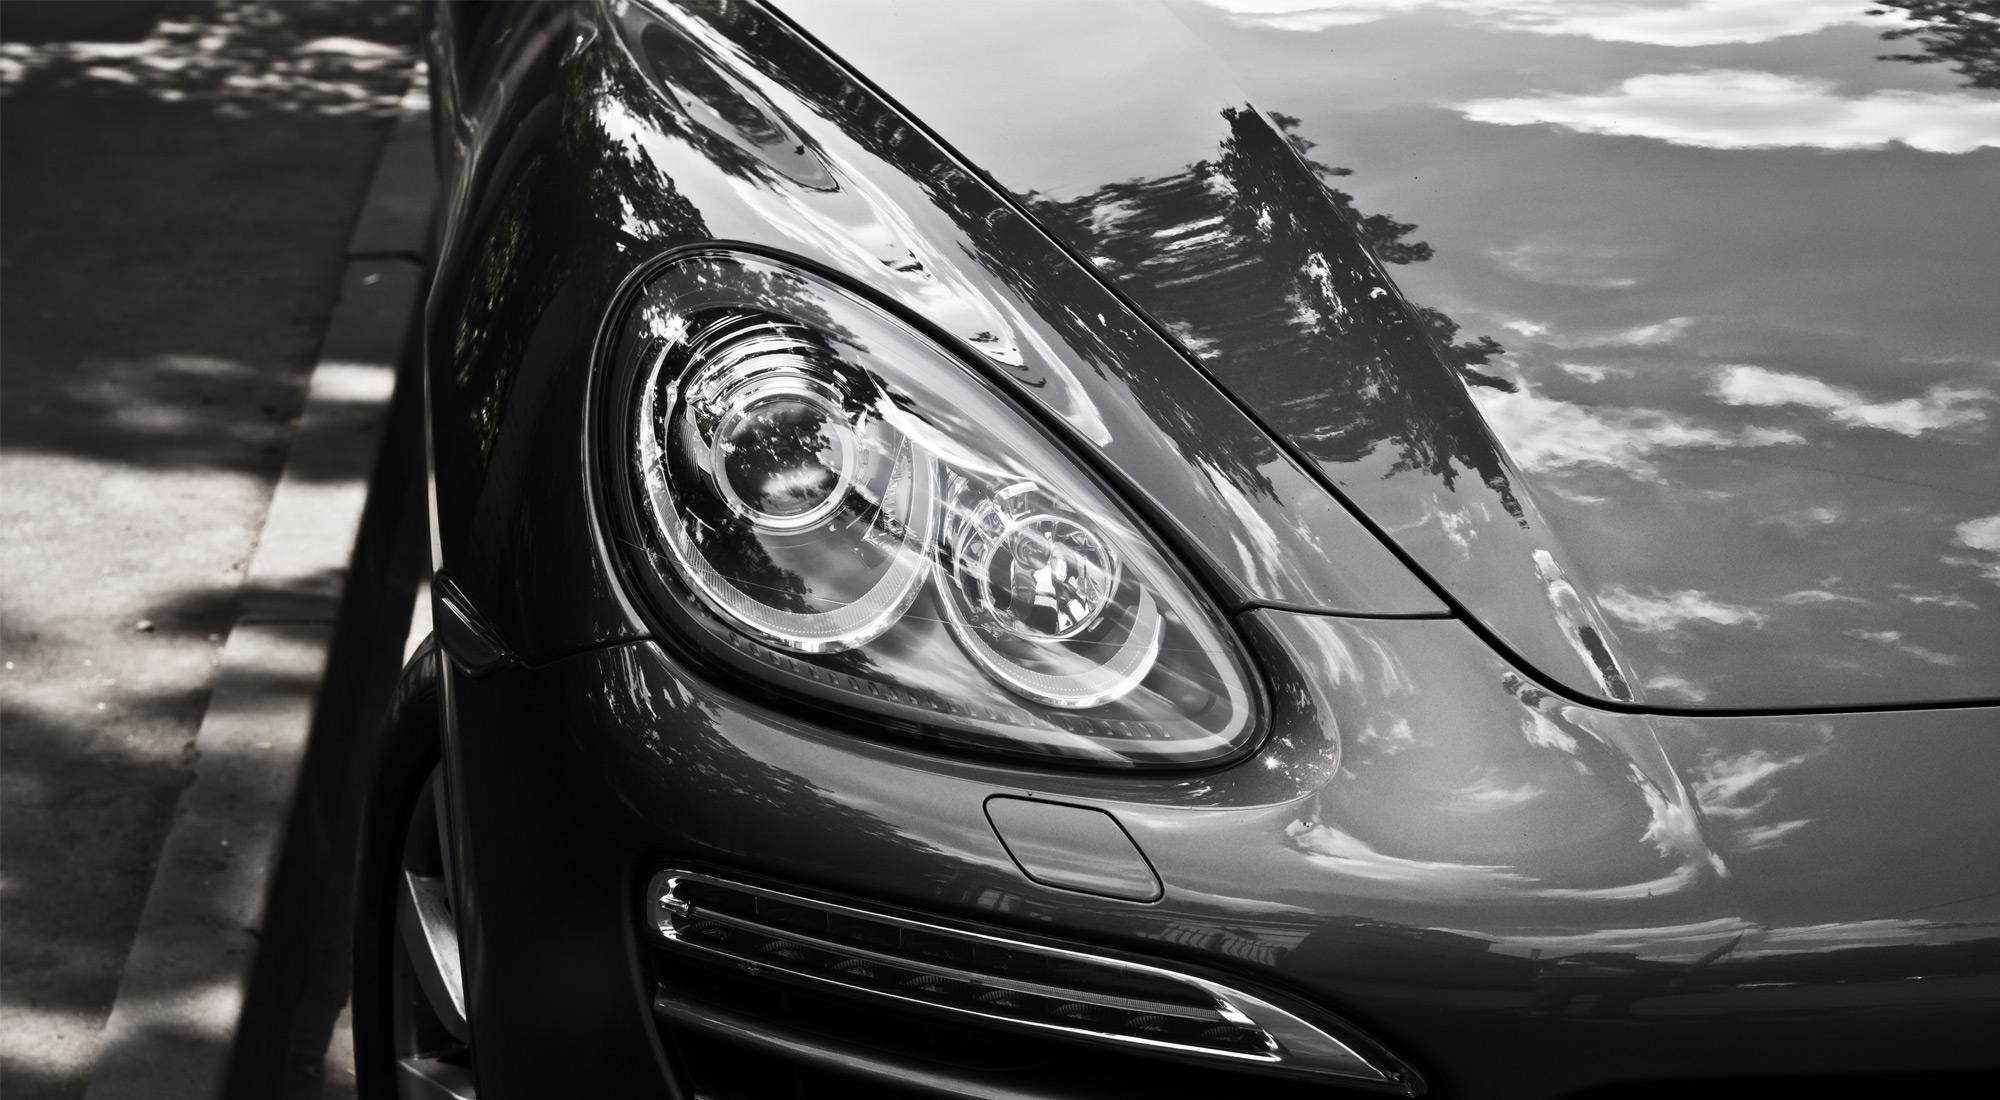 Autimports of Denver Porsche Image